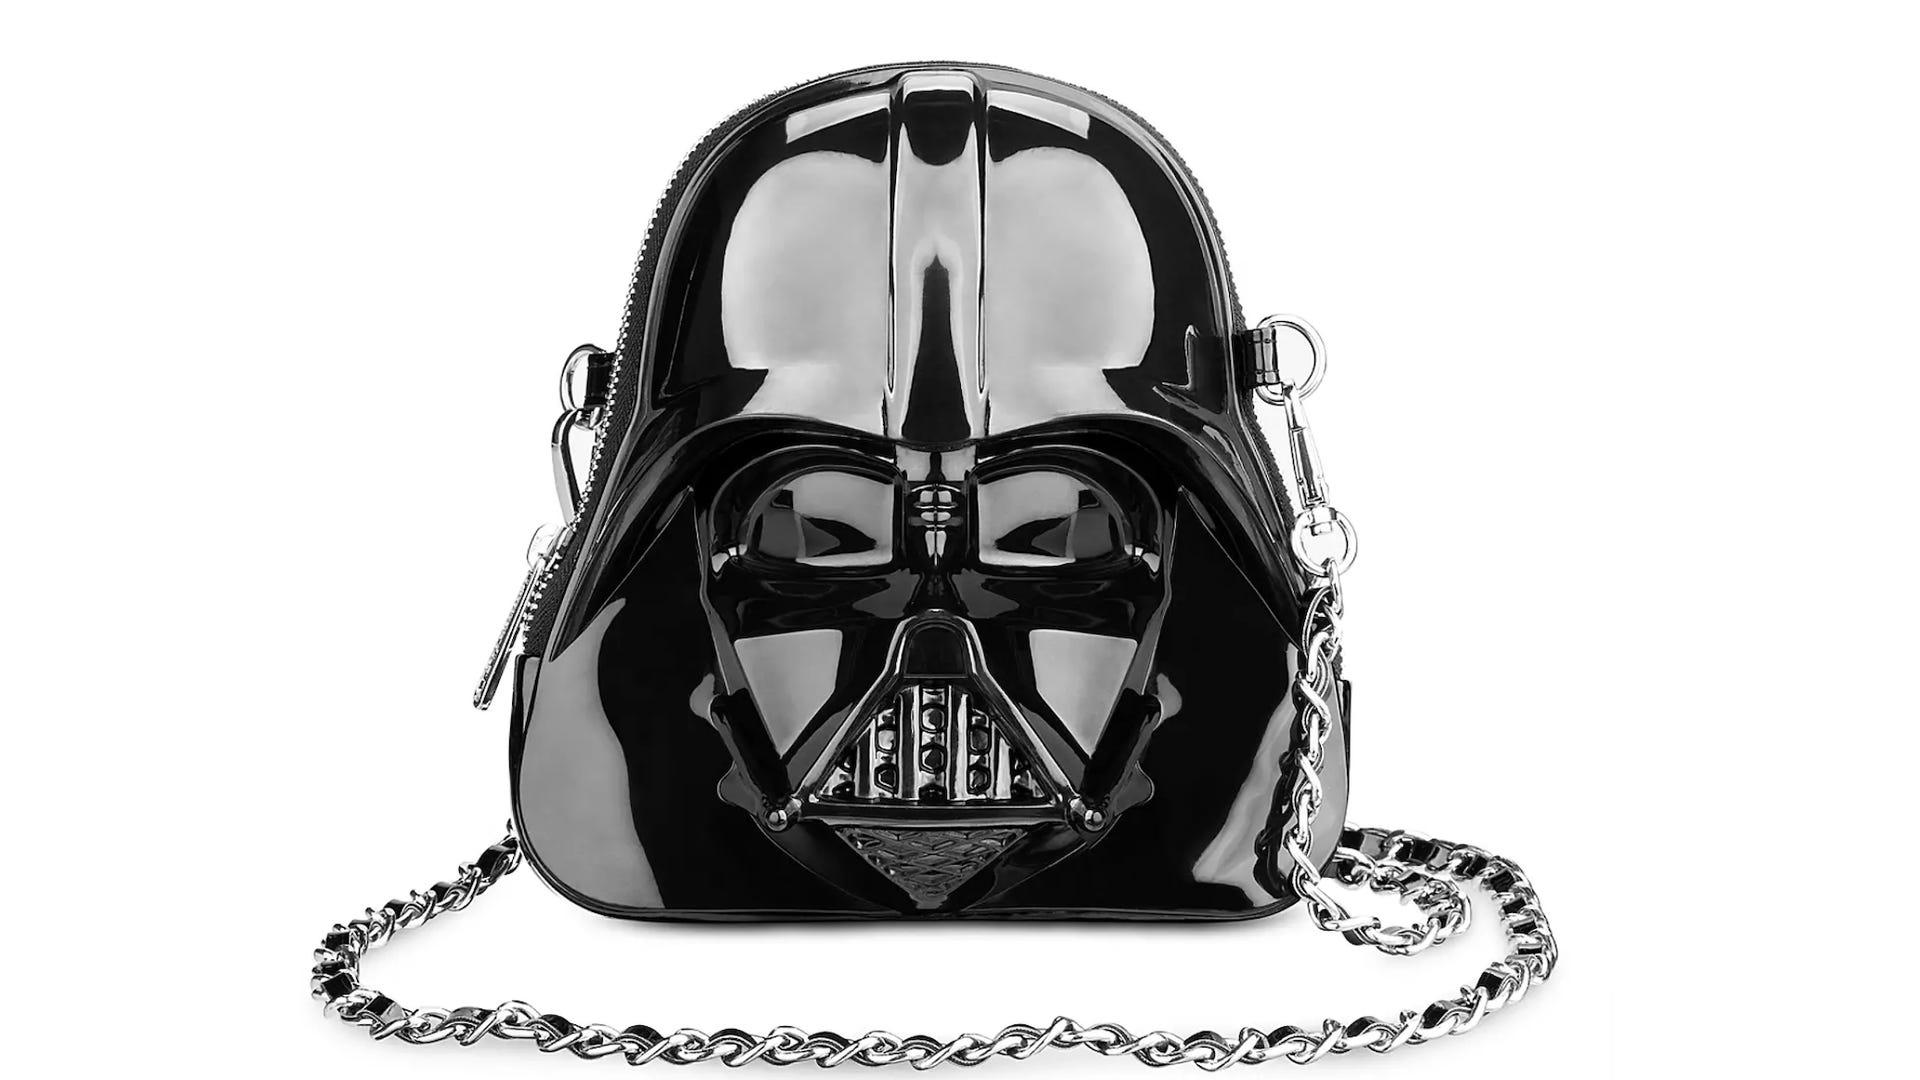 Darth Vader helmet crossbody bag